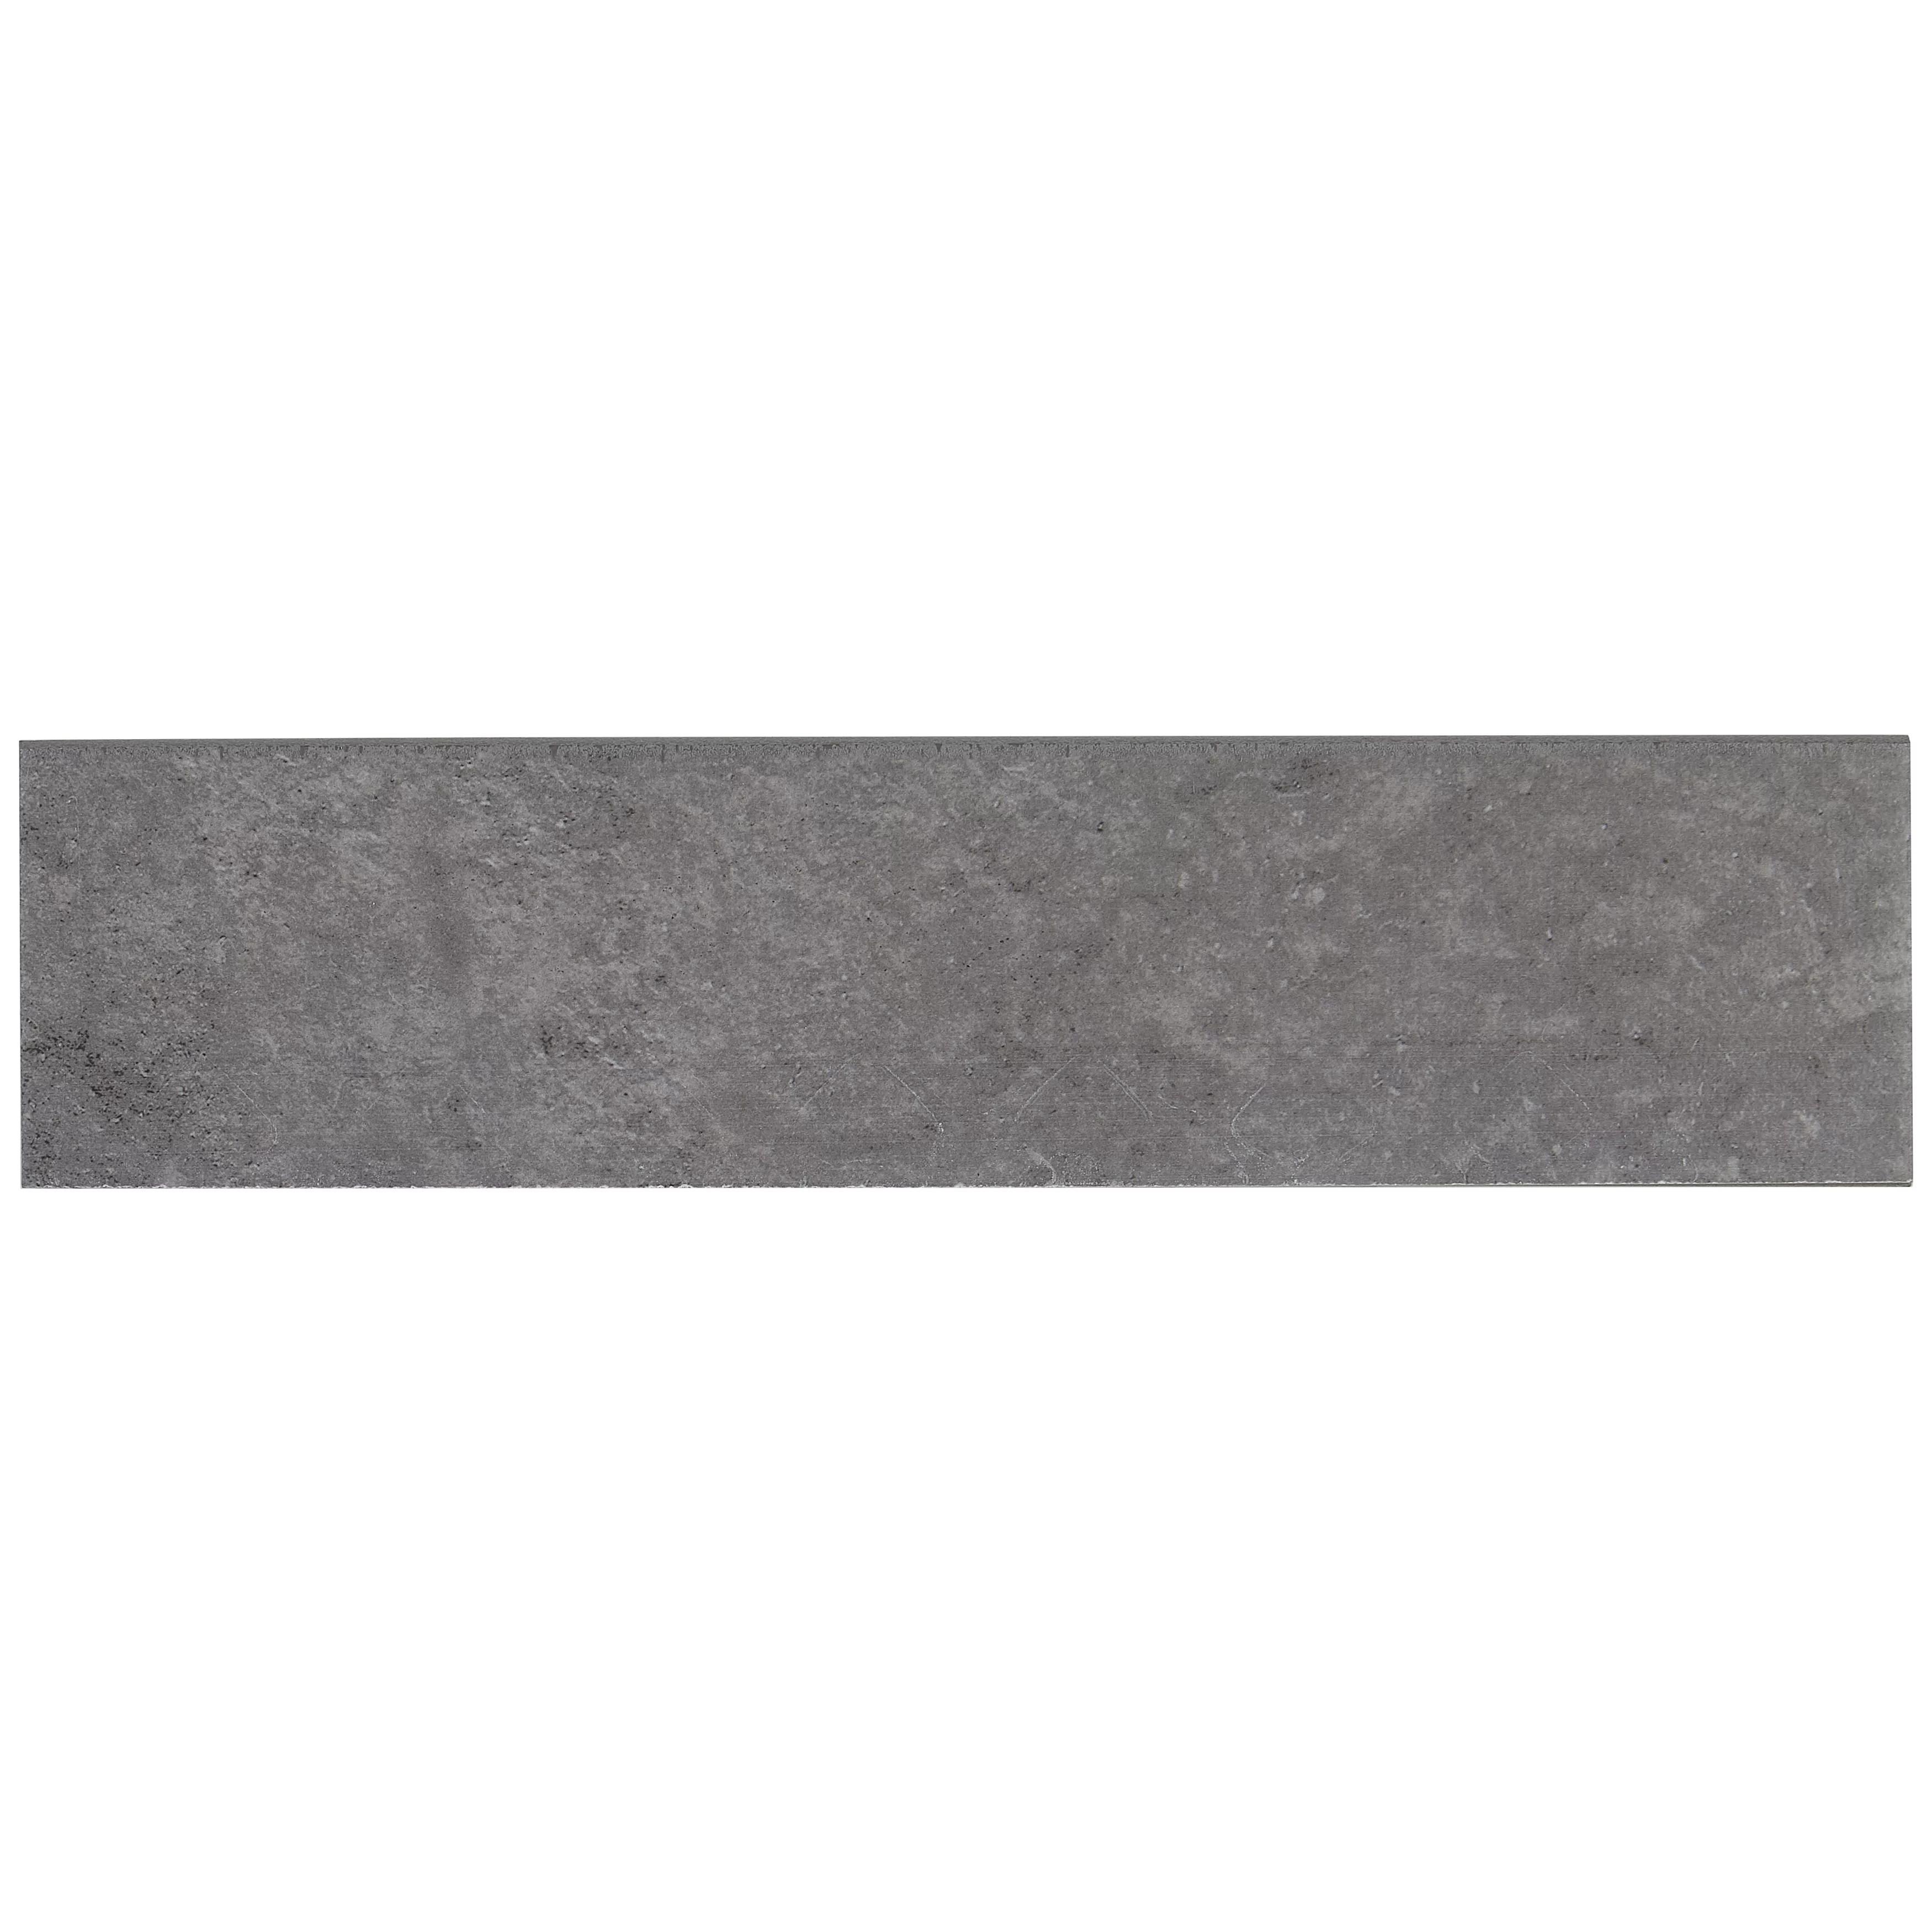 slate attache 12 x 3 porcelain bullnose tile trim in meta dark gray